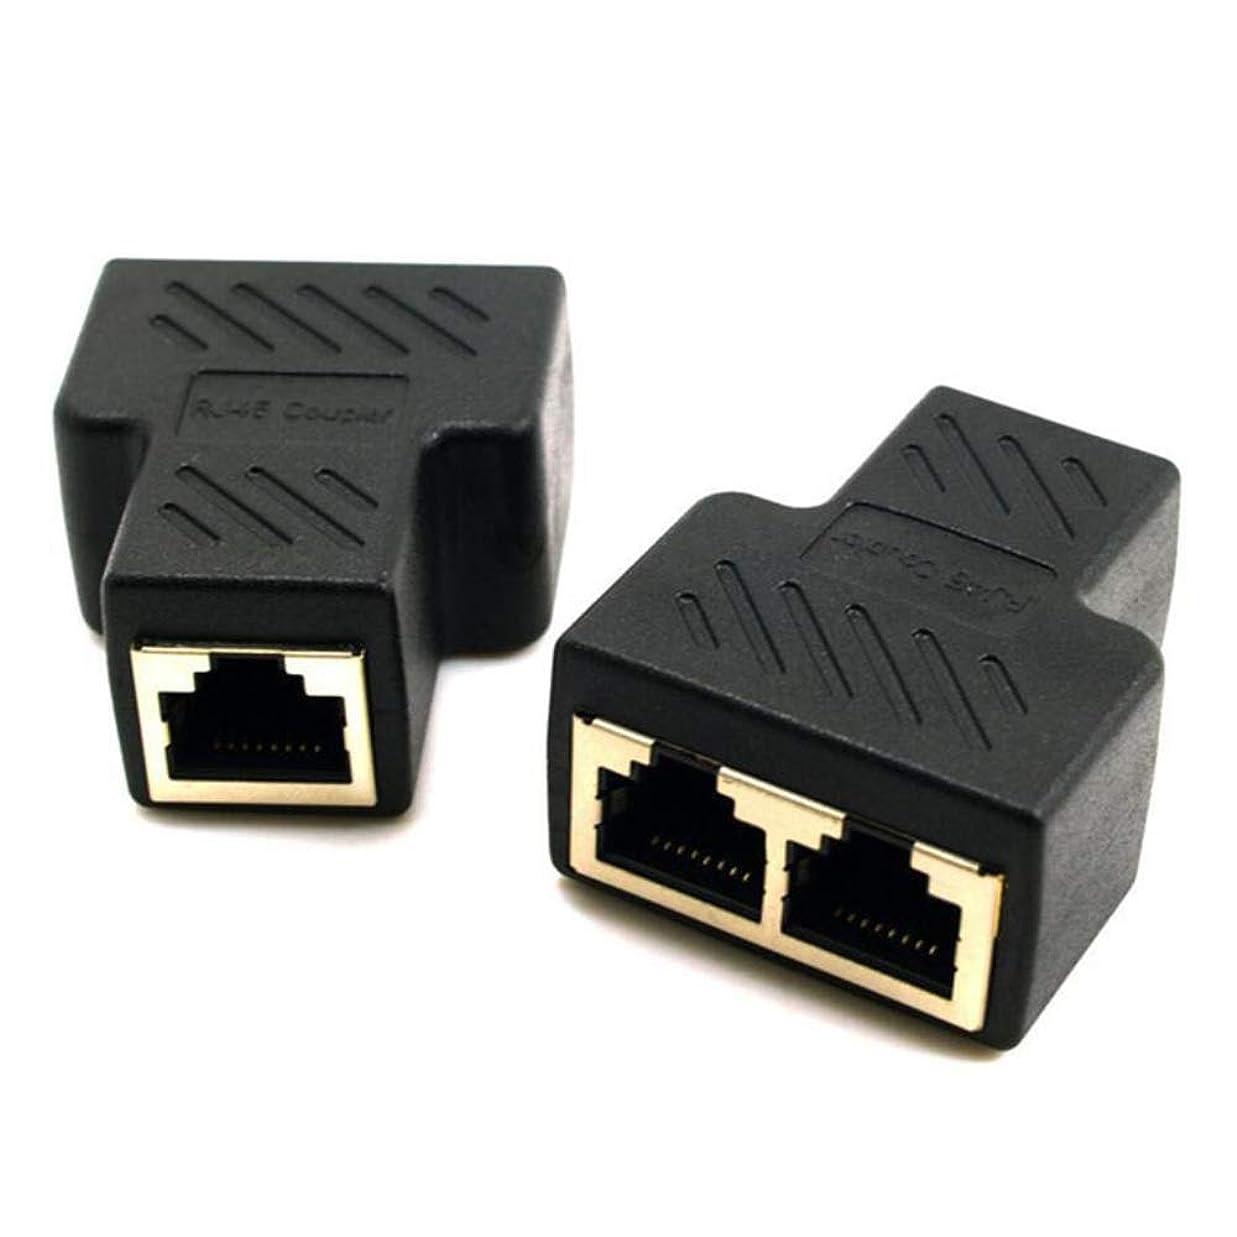 踏み台百万ネストLezej RJ45スプリッタアダプタ RJ45コネクタ 1 to 2 スプリッタコネクタ RJ45ネットワークティーヘッド LANケーブル延長 2分岐 コンパクト(ロードされた二つの)